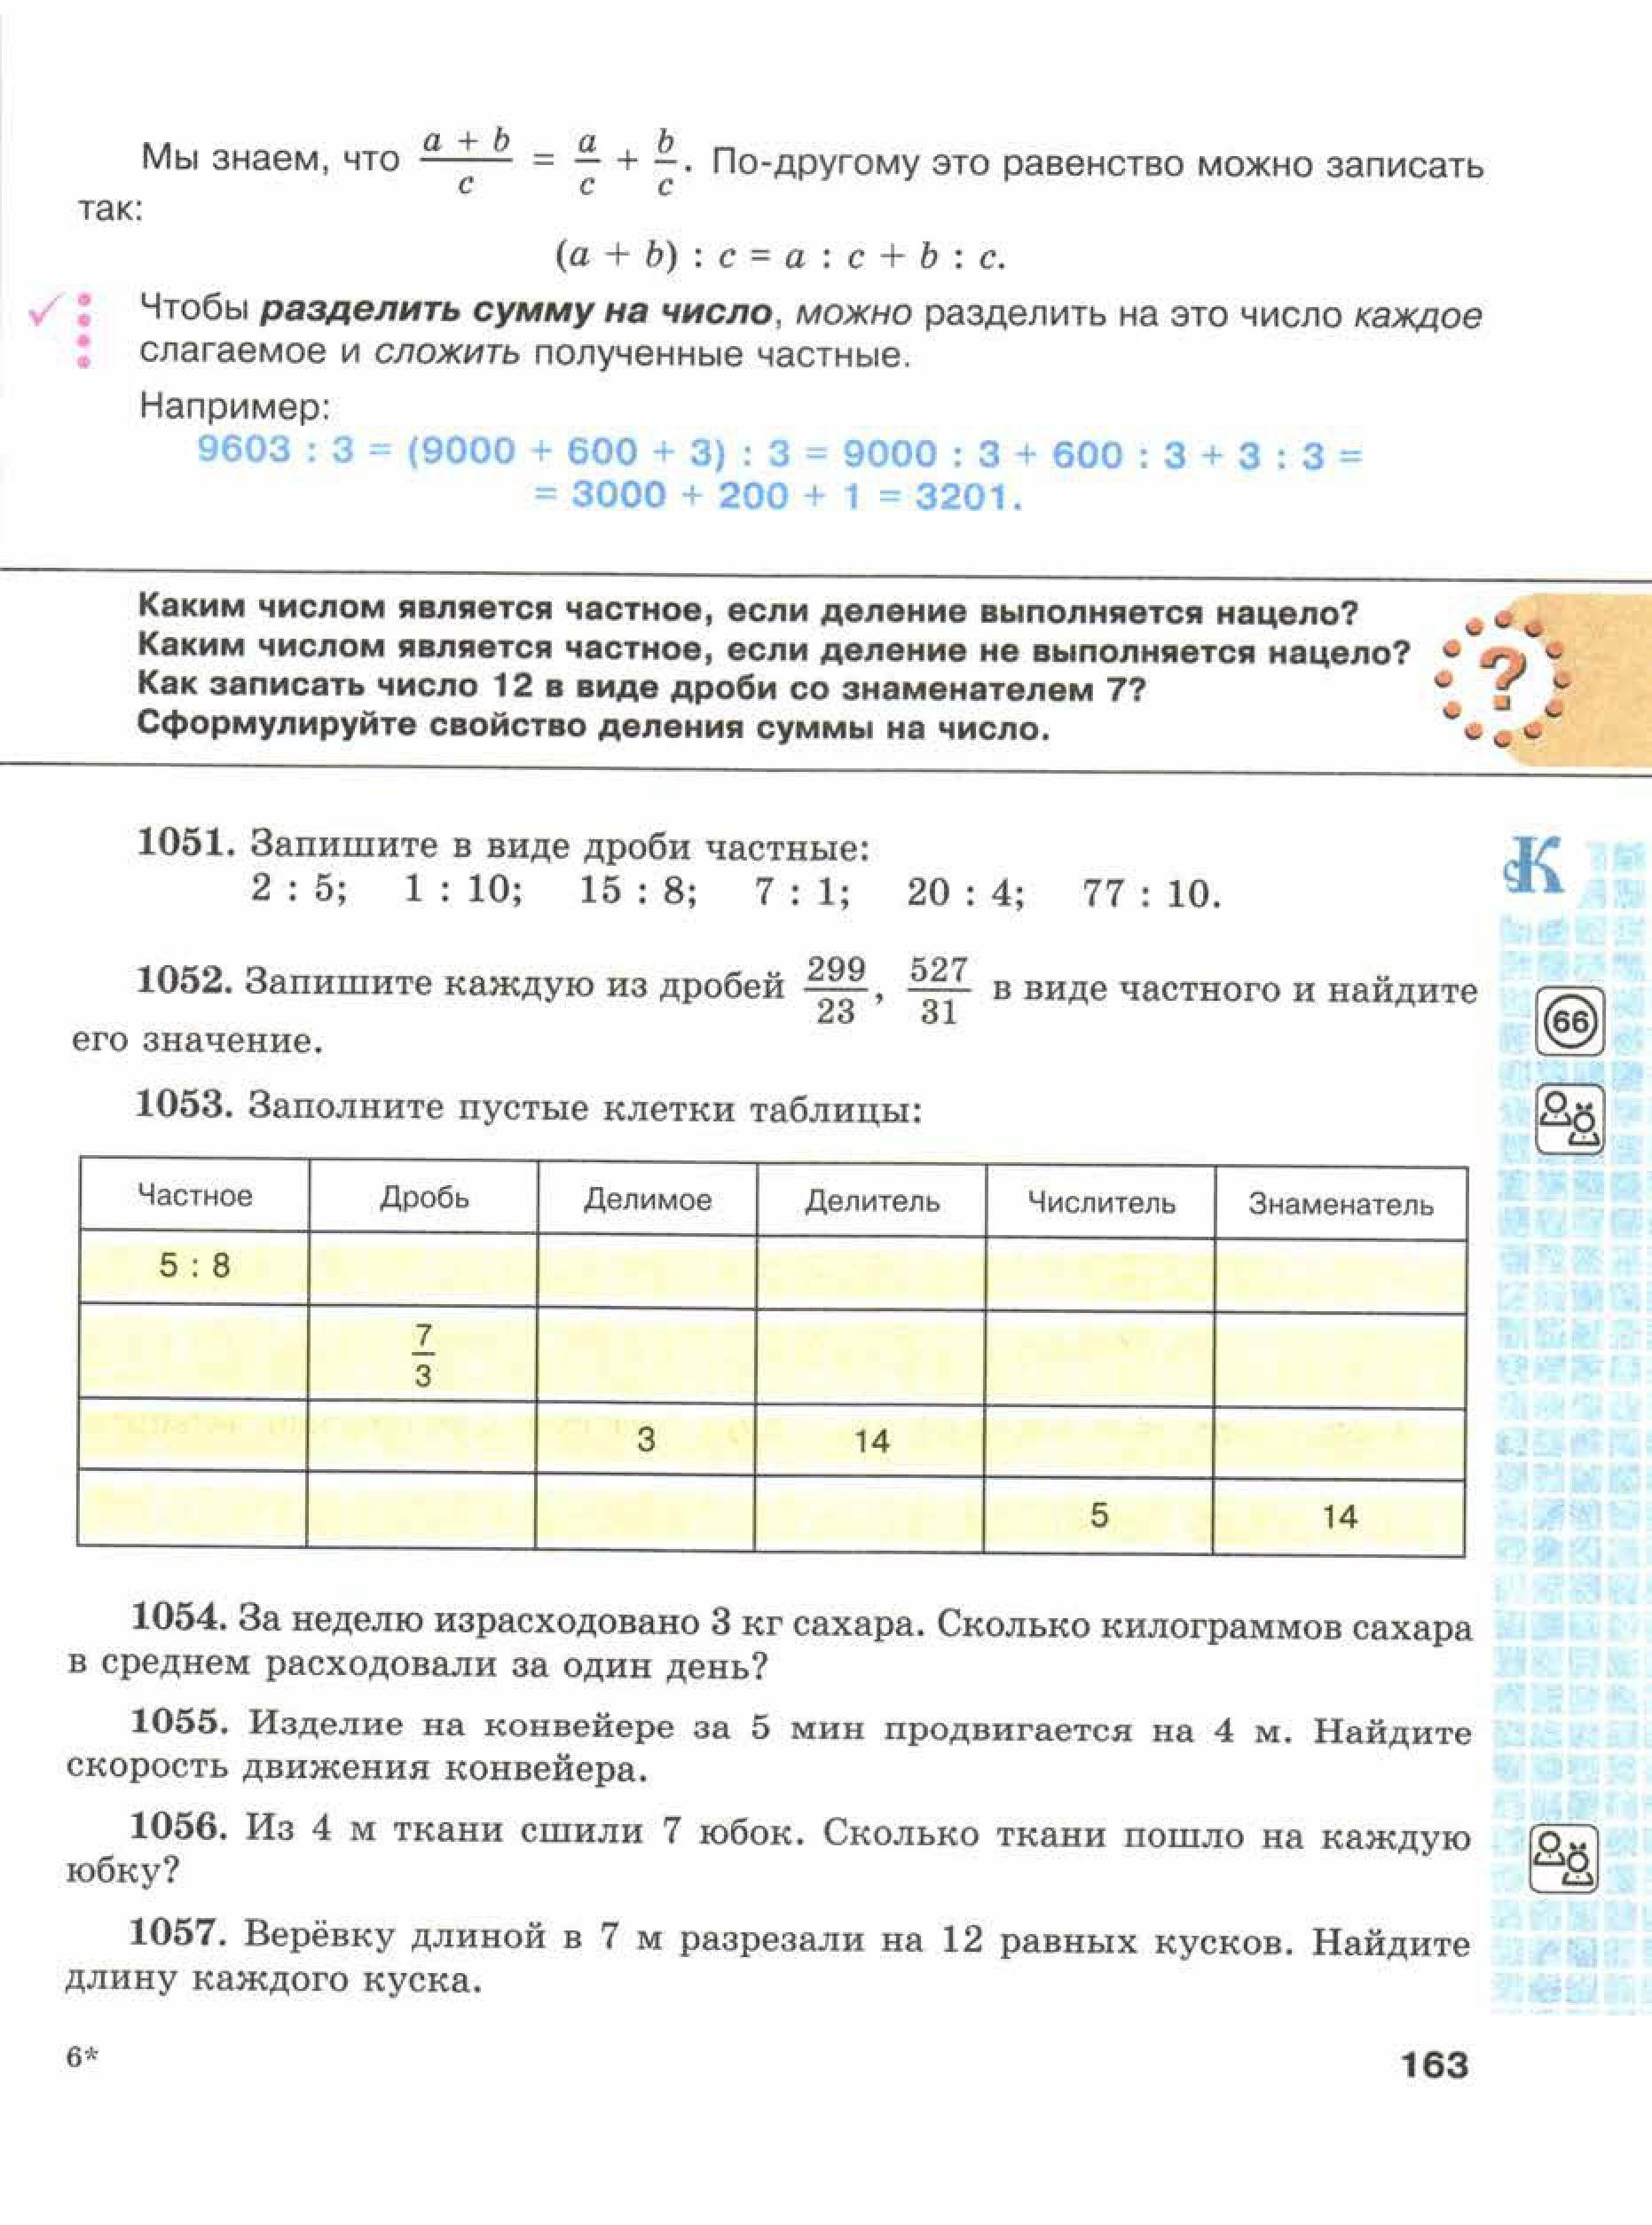 Гдз по учебнику е.в малыхина русский 8 класс